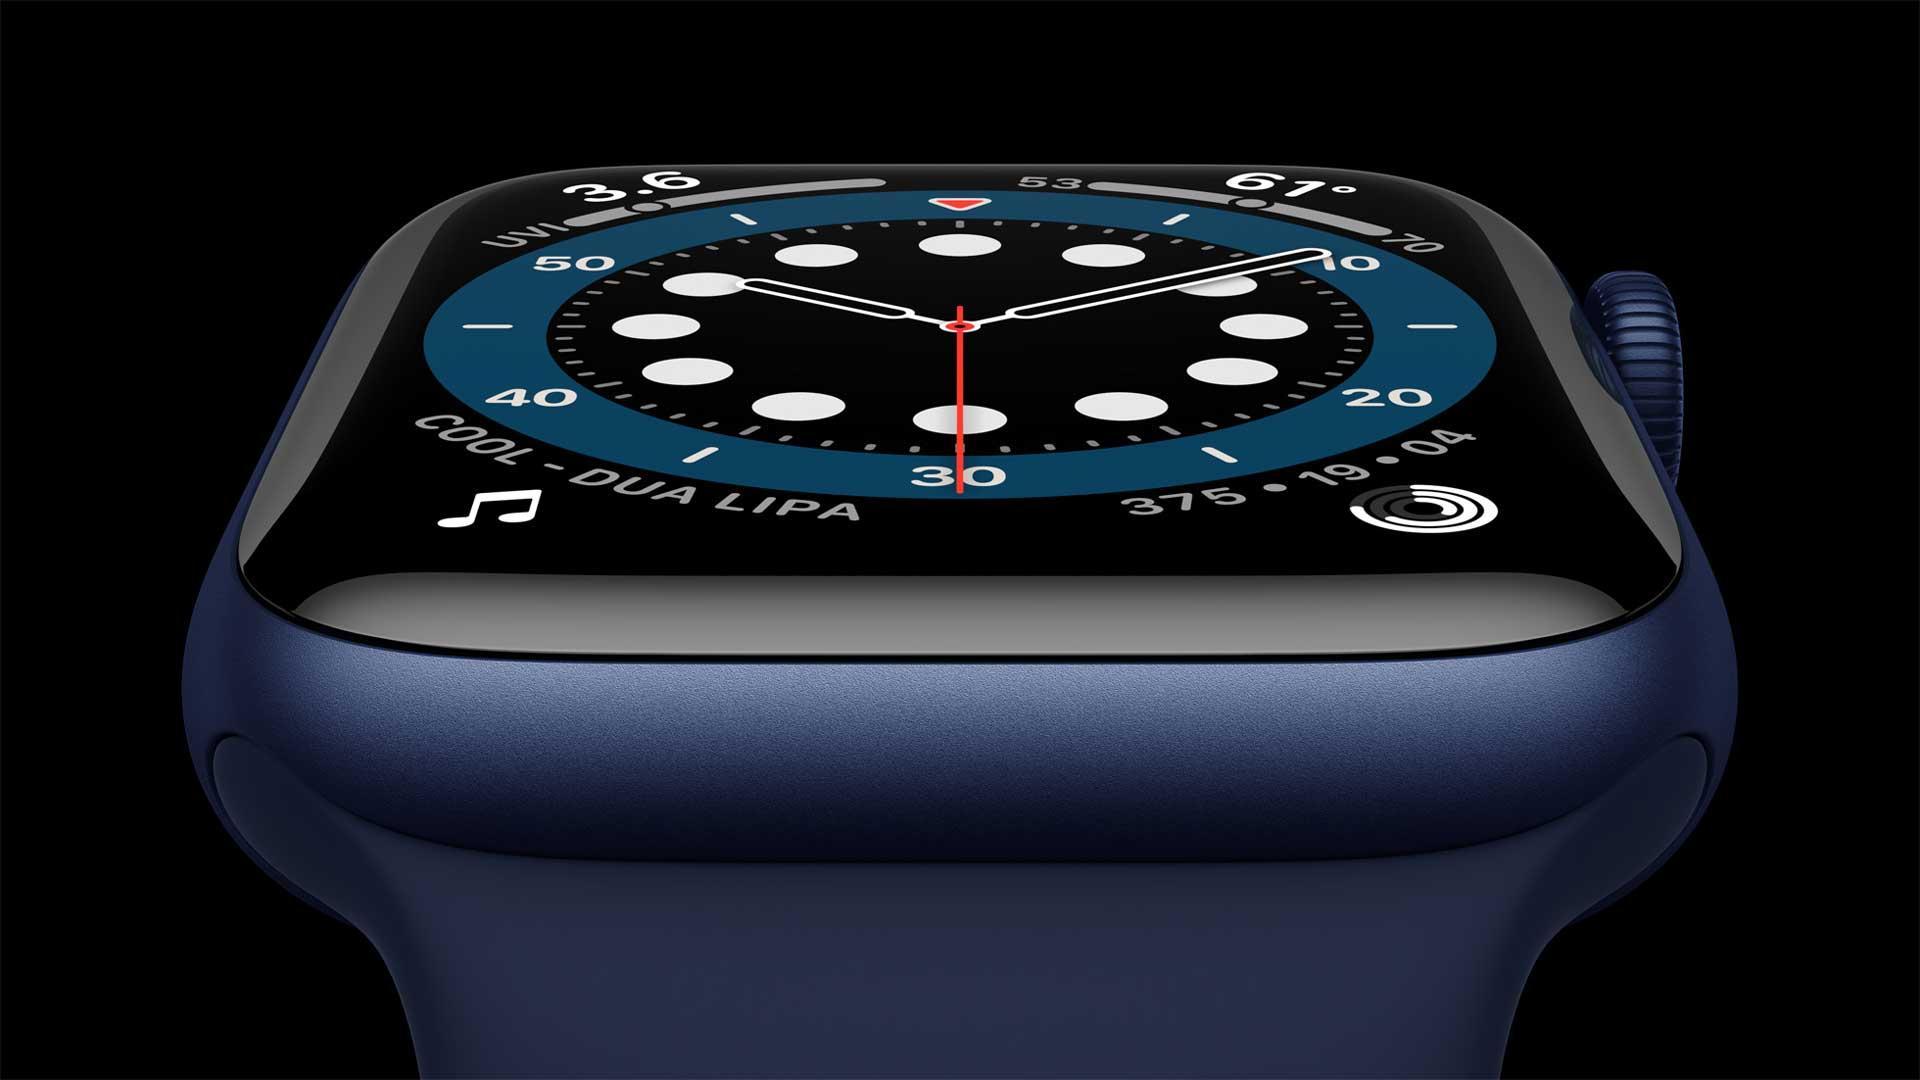 Apple Watch Series 6 frontal seitlich in blau auf schwarzem Hintergrund